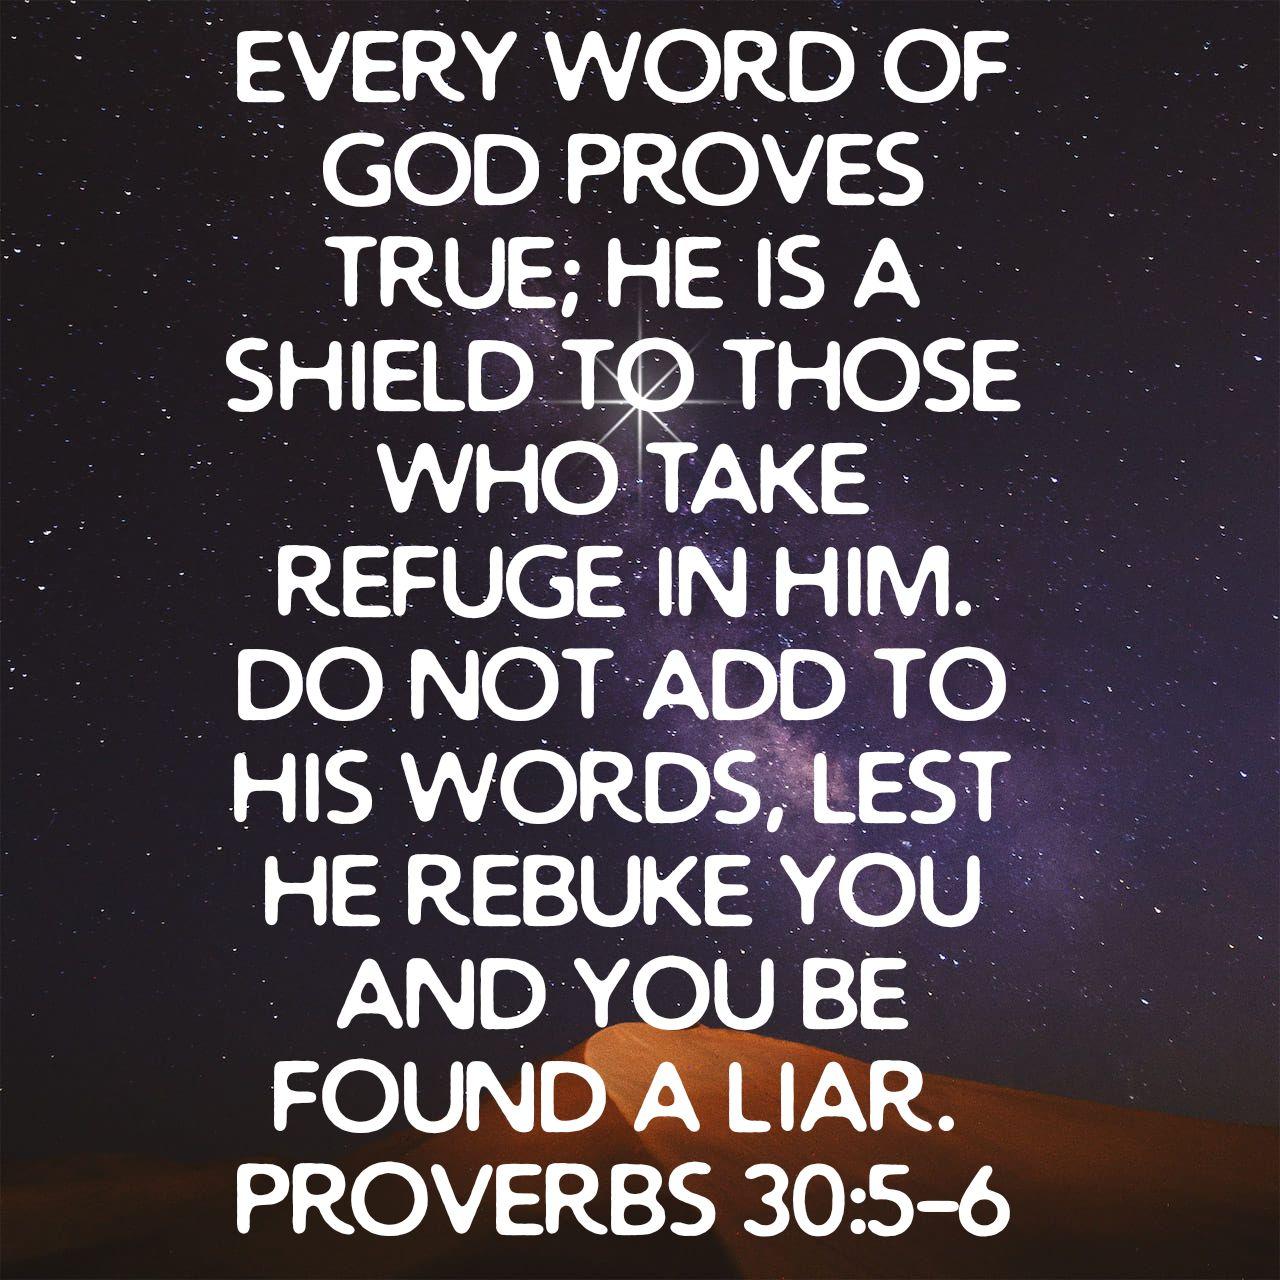 Proverbs 30:5-6 ESV